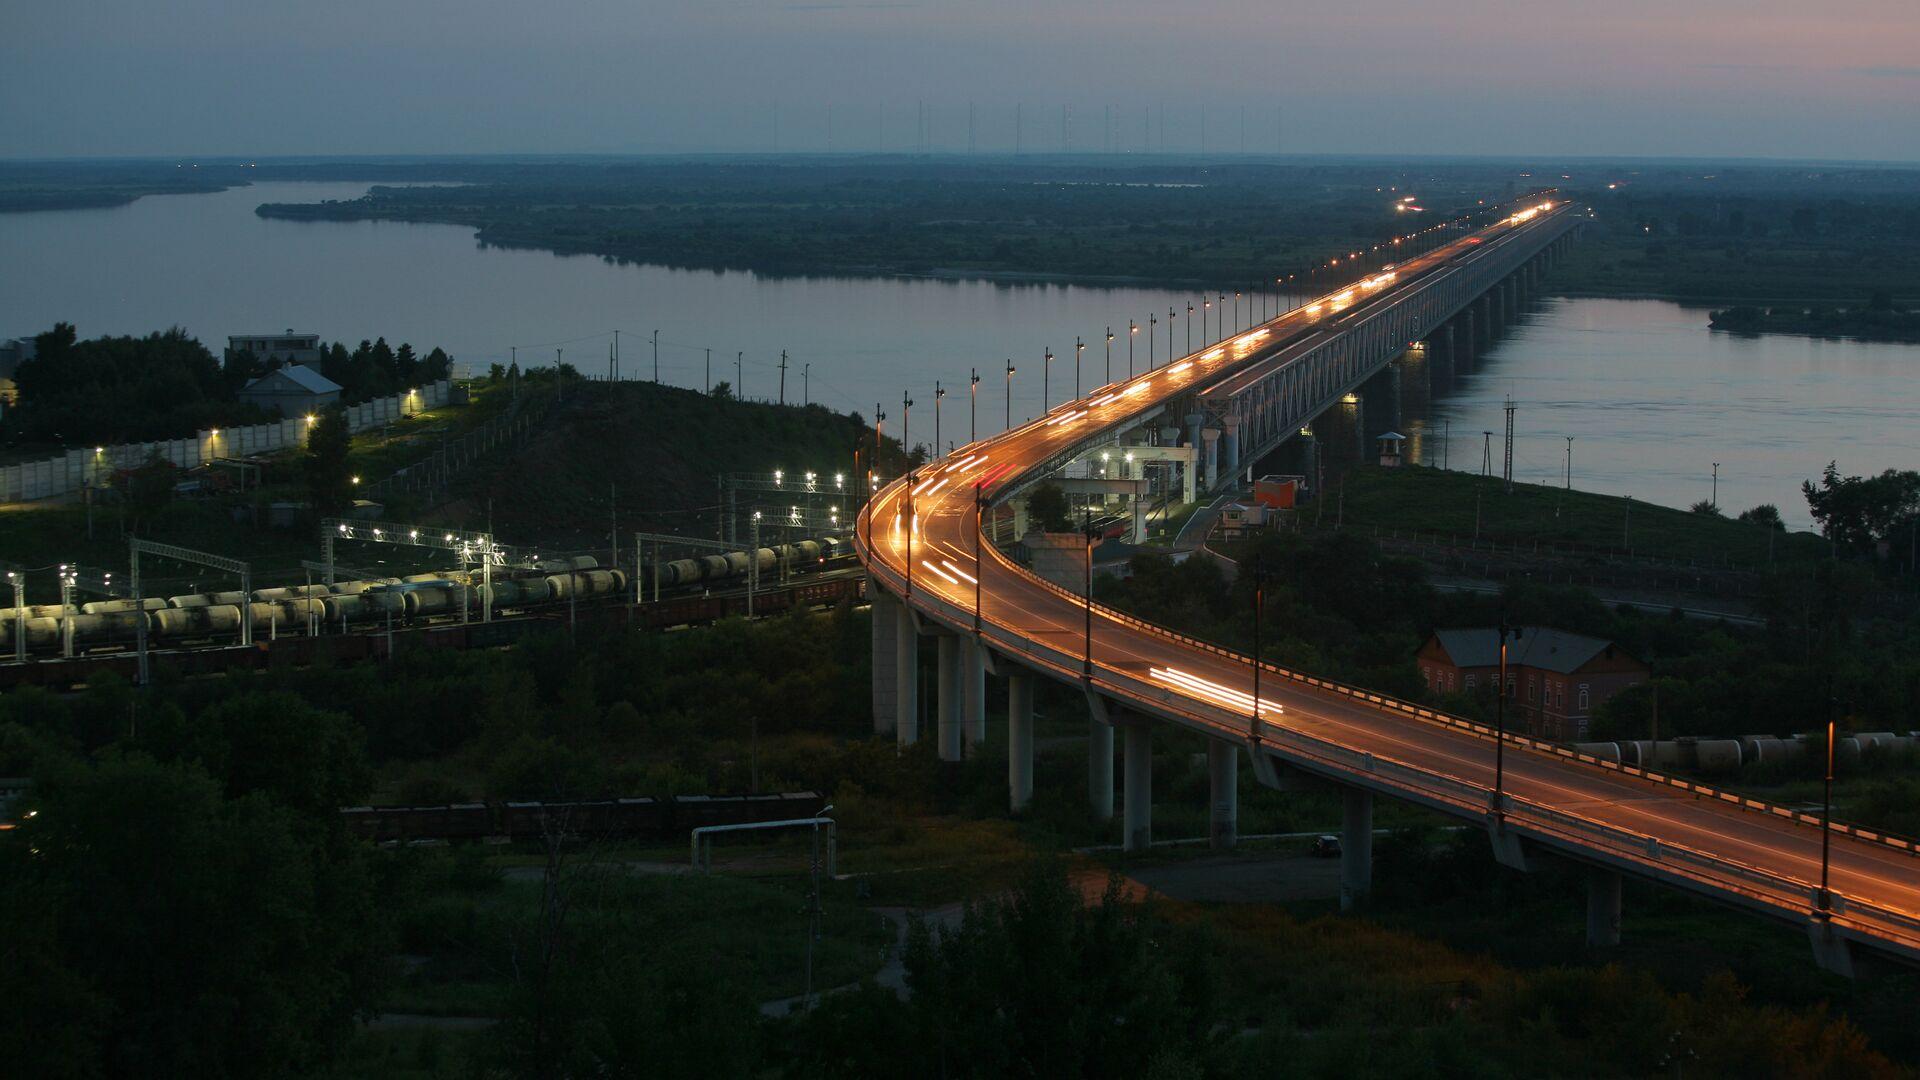 Вид на железнодорожно-автомобильный мост через реку Амур в Хабаровске на трассе Чита - Хабаровск - РИА Новости, 1920, 13.09.2021